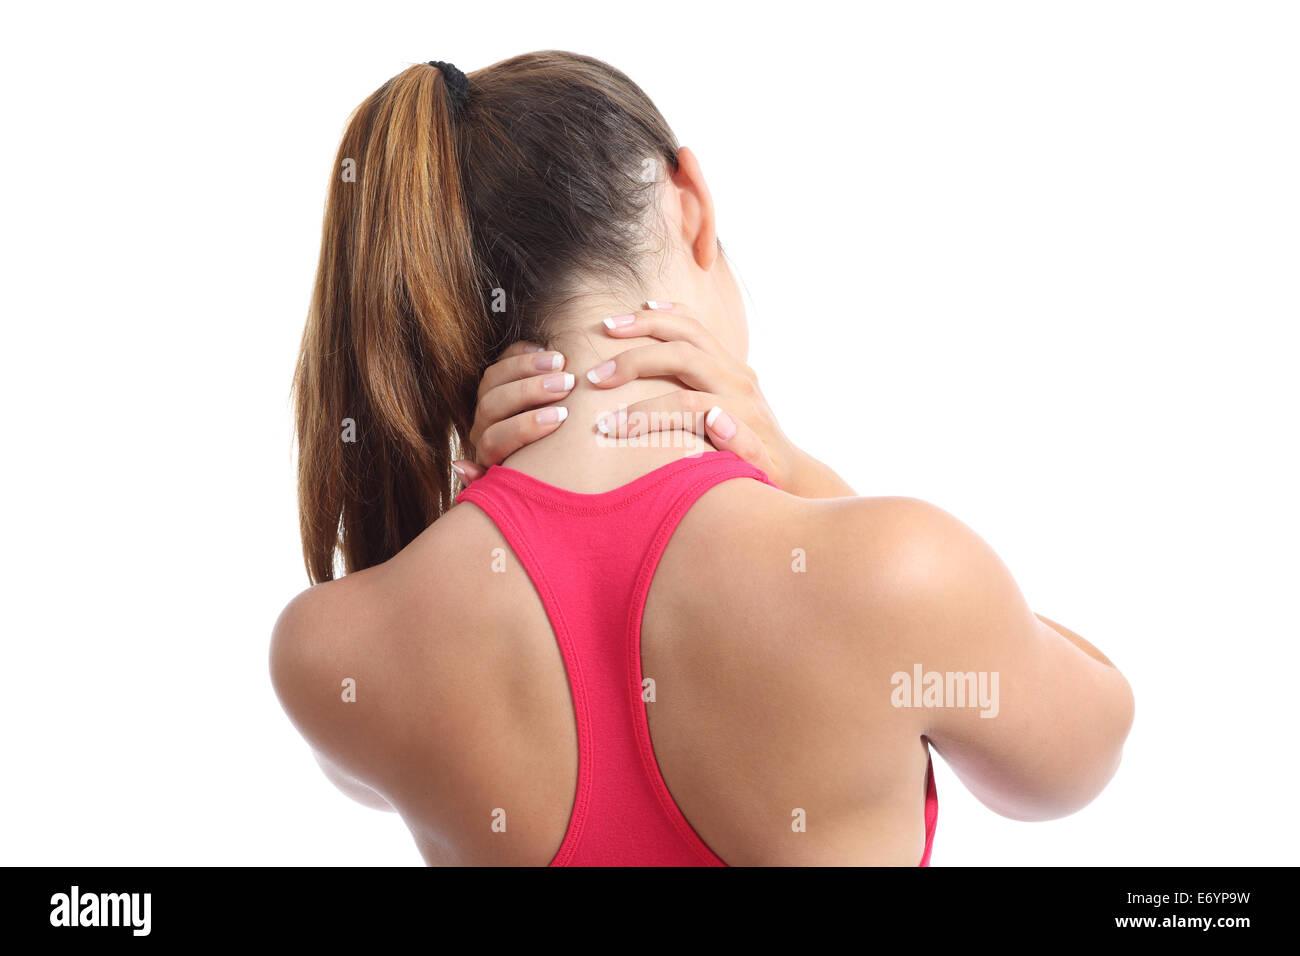 Rückansicht einer Fitness-Frau mit Nackenschmerzen isoliert auf weißem Hintergrund Stockbild